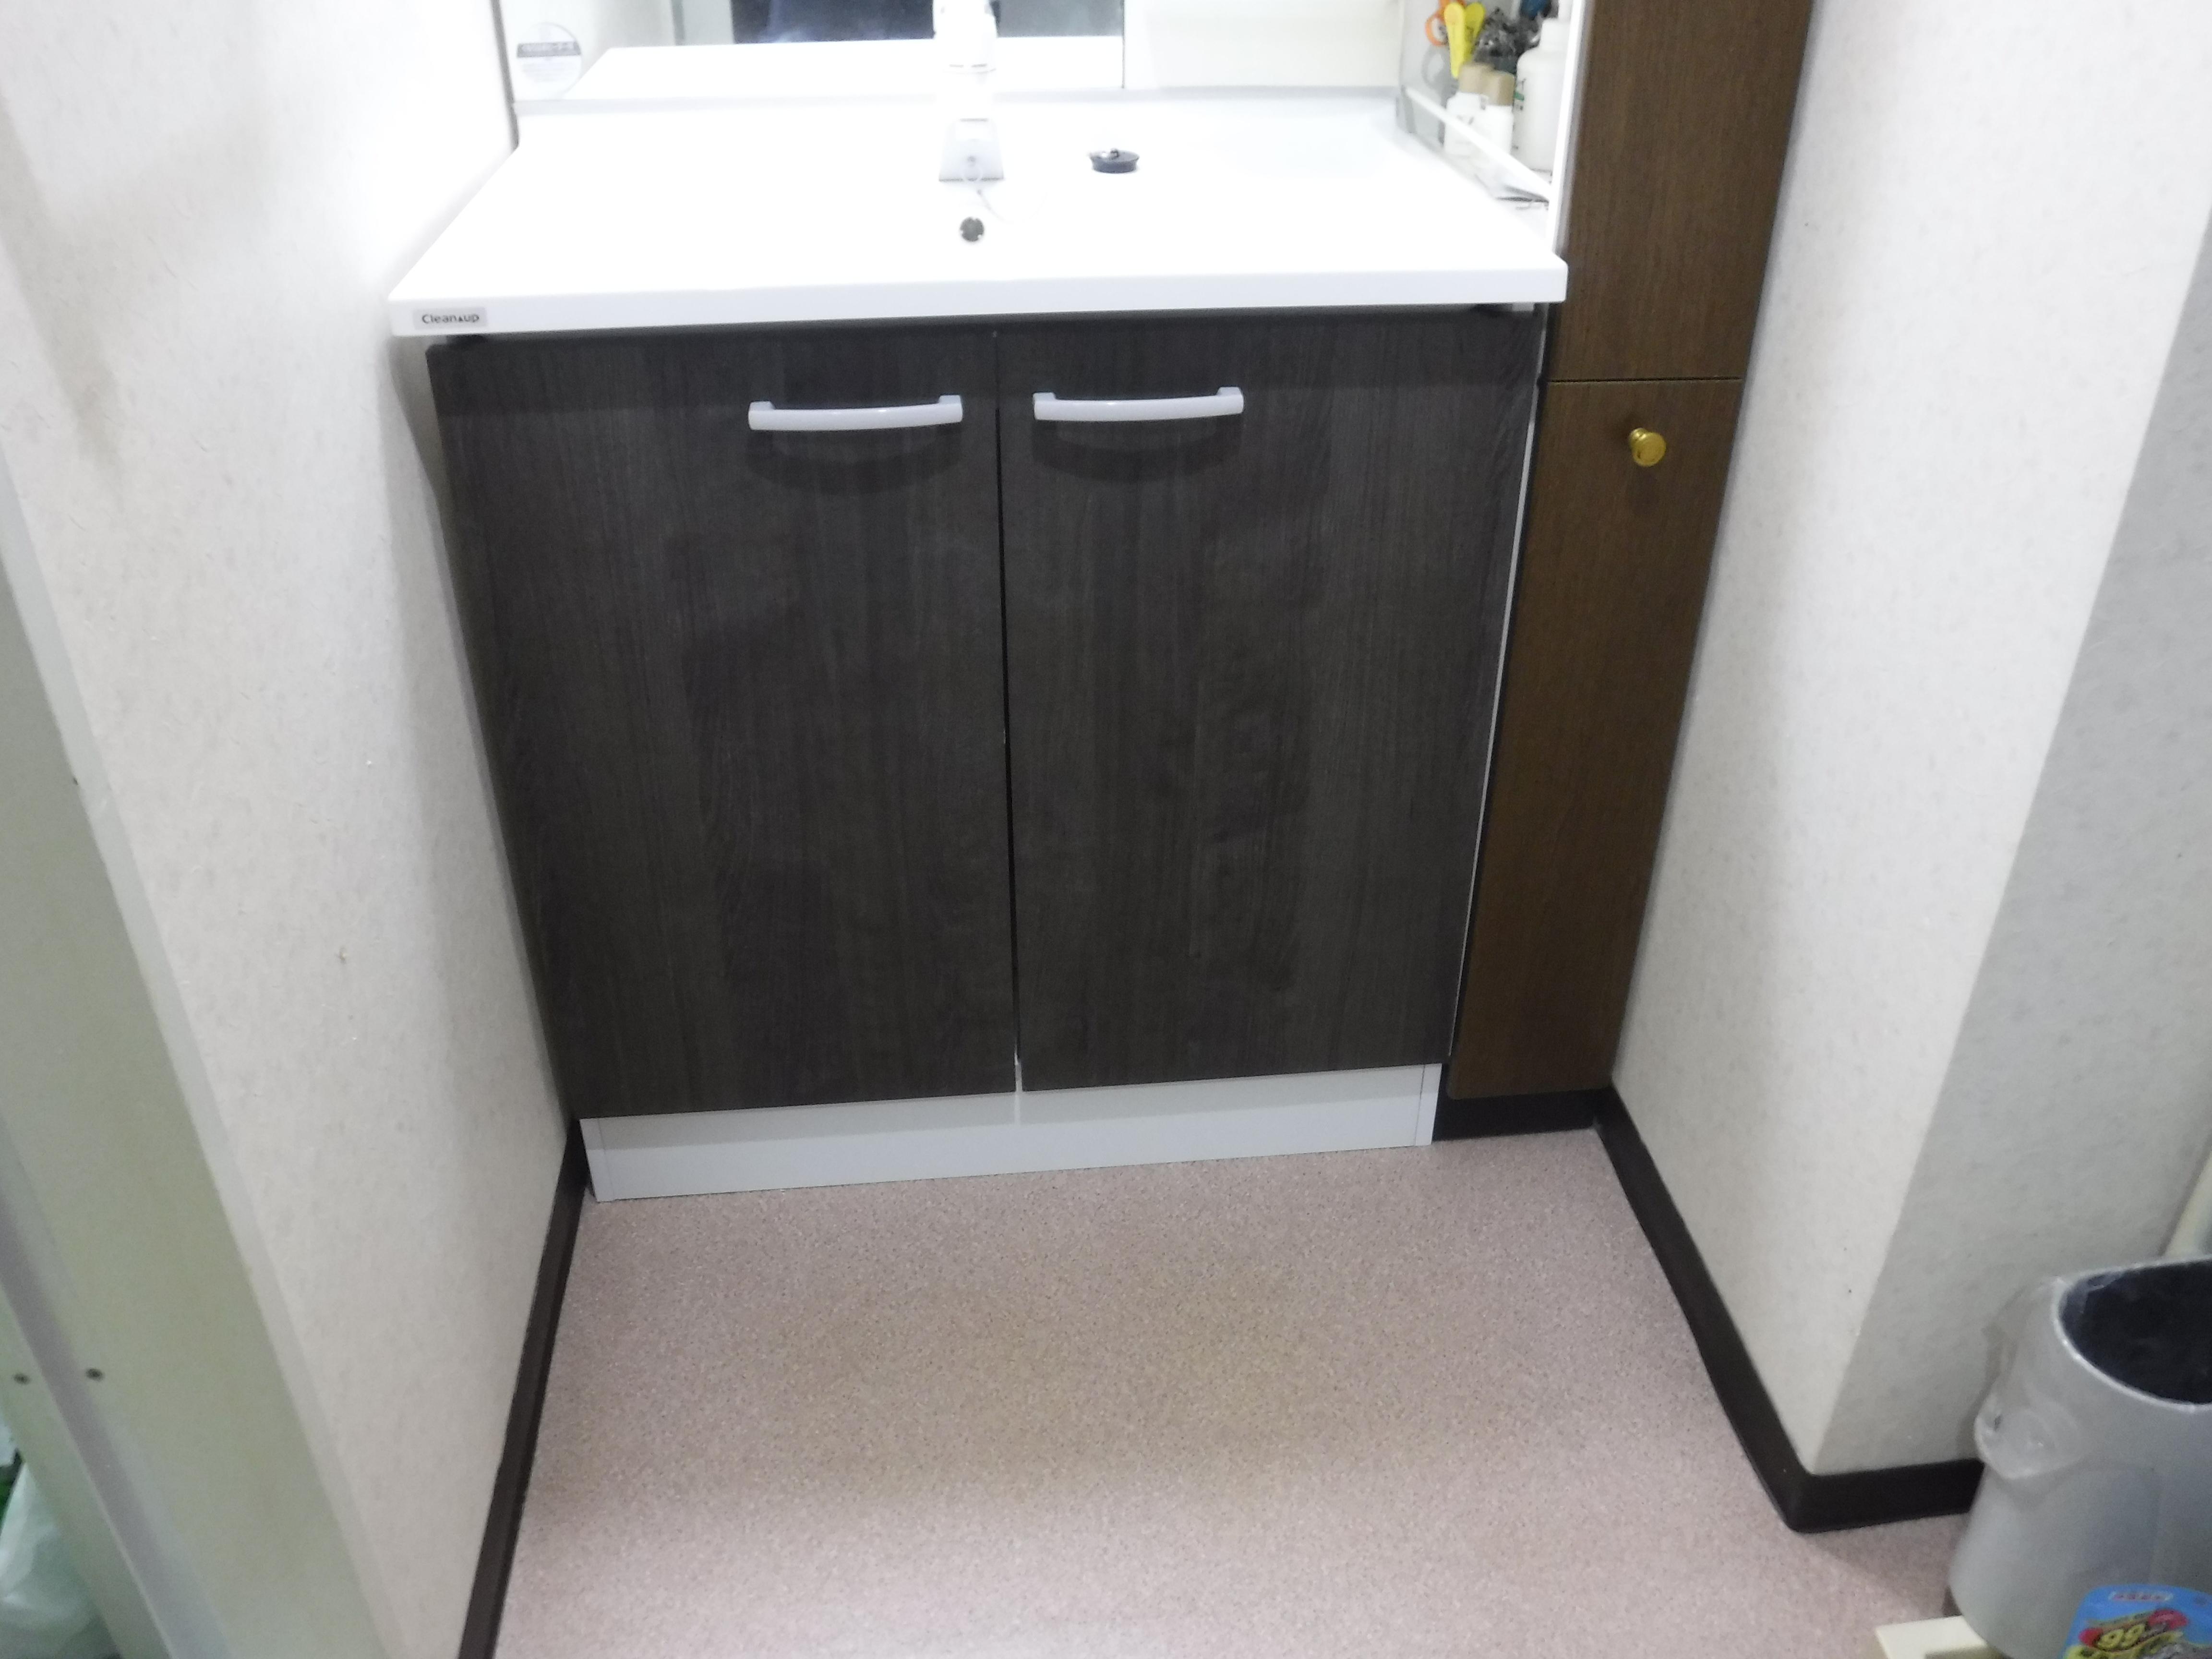 マンション洗面台の水栓から漏水・・・!?